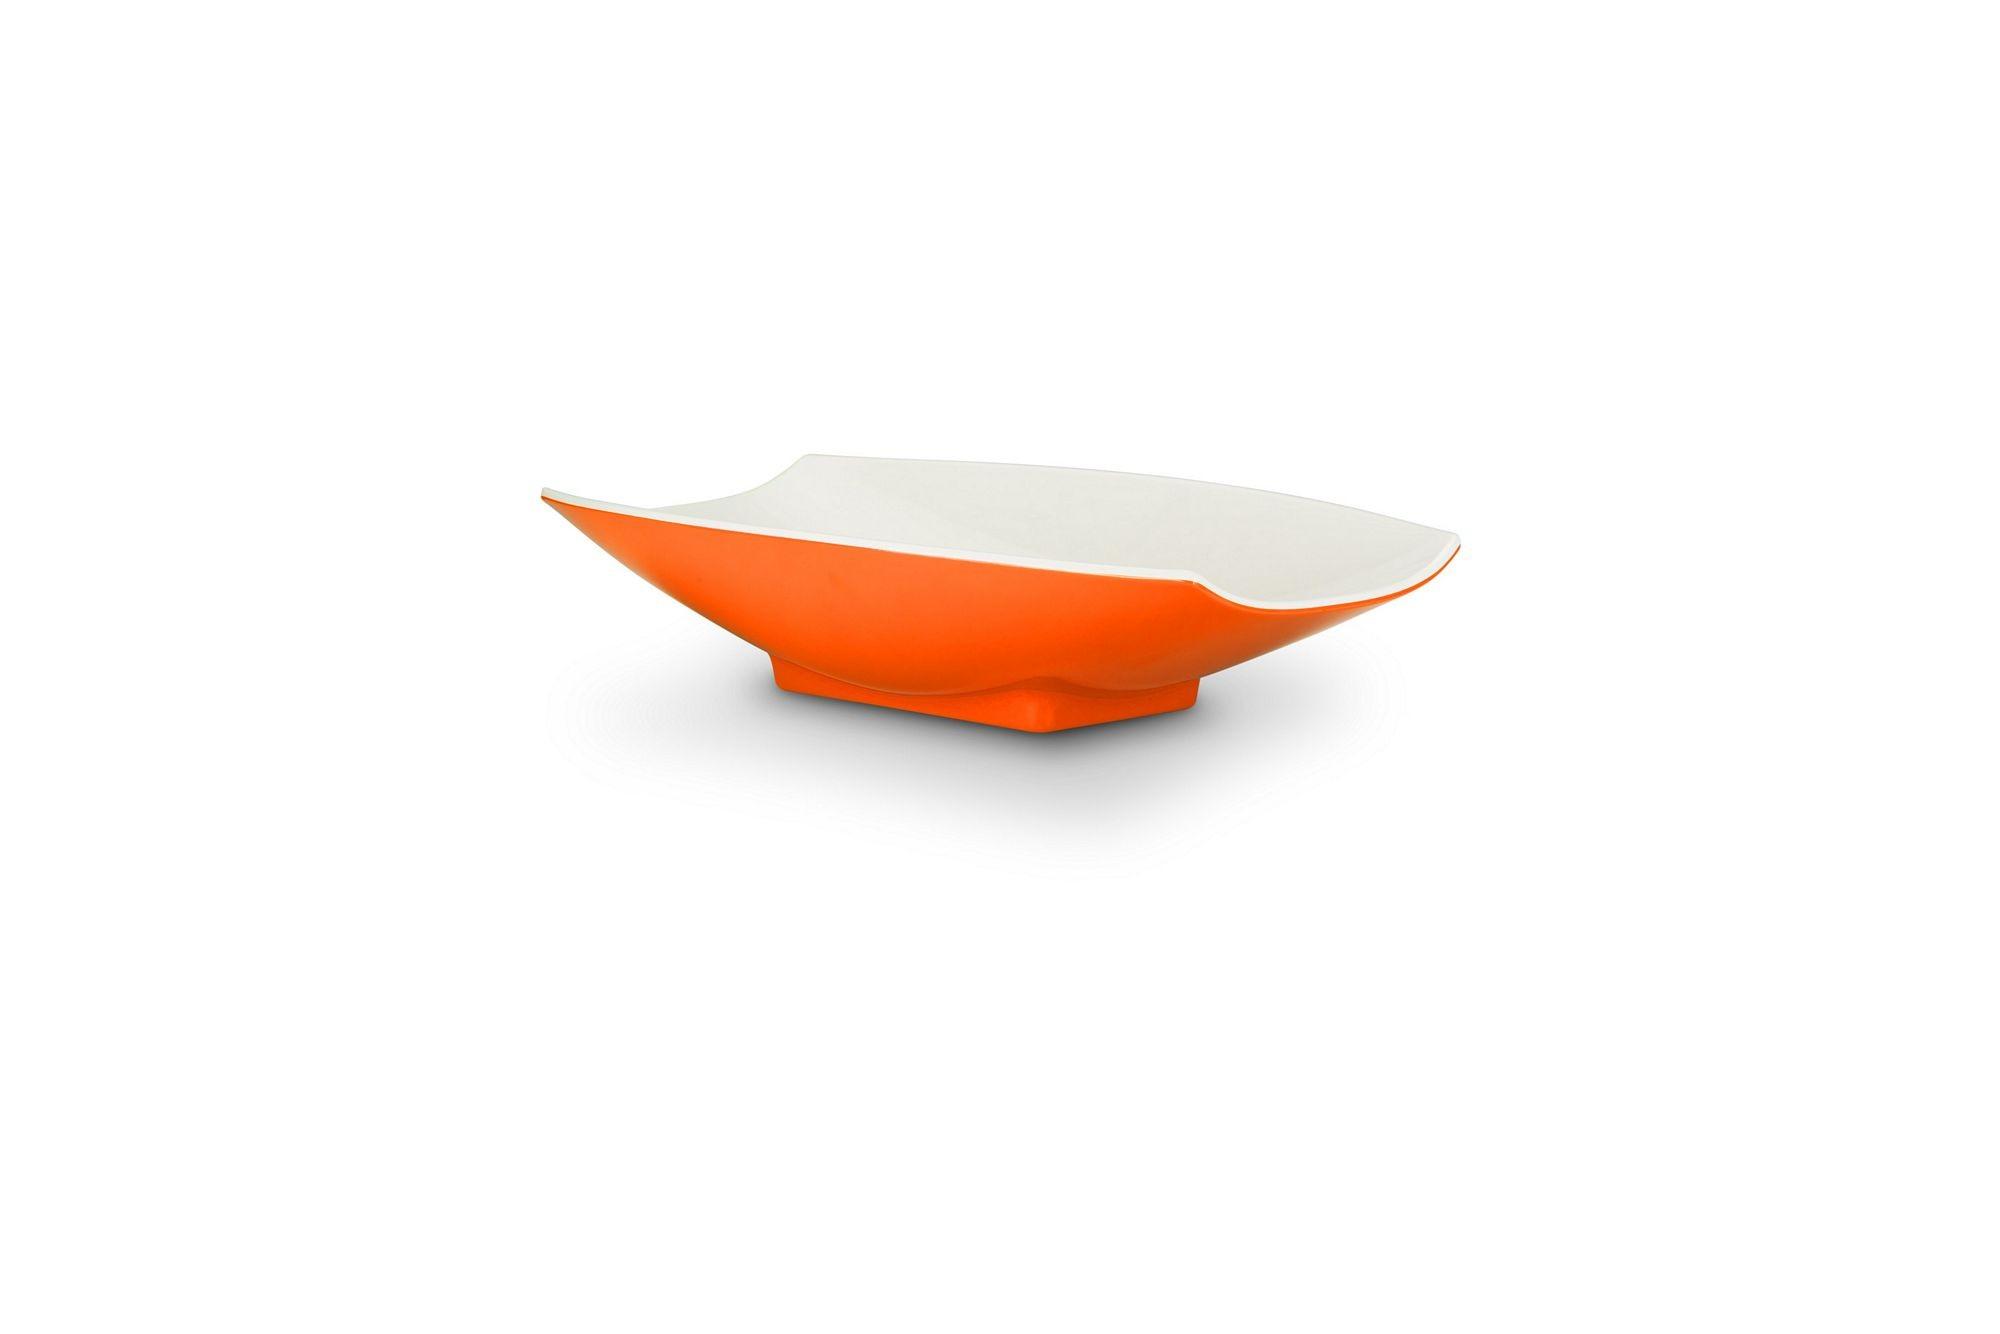 Bon Chef 53702-2ToneOrange Melamine Curves Bowl, Orange Outside/White Inside 24 oz.